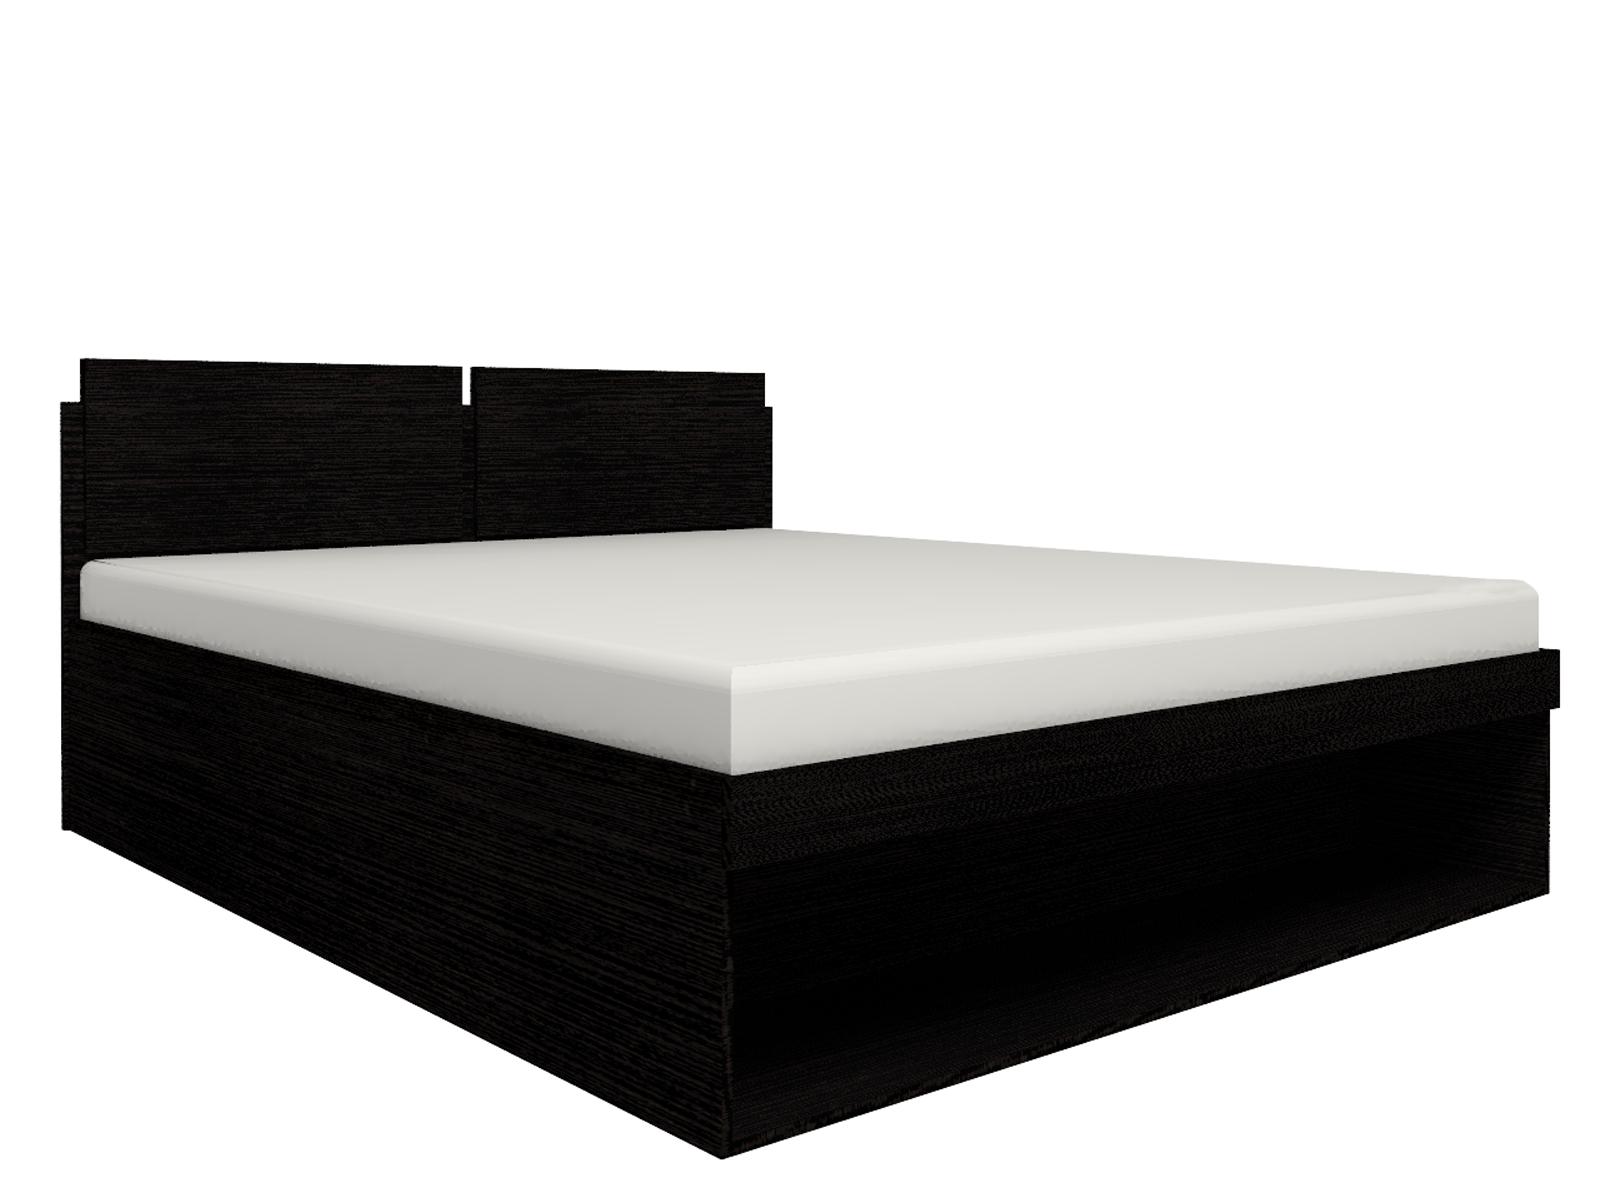 Спальня Hyper (комплект 2) - фото Кровать 1 Hyper 180*200 с подъемным механизмом (Венге монохром)